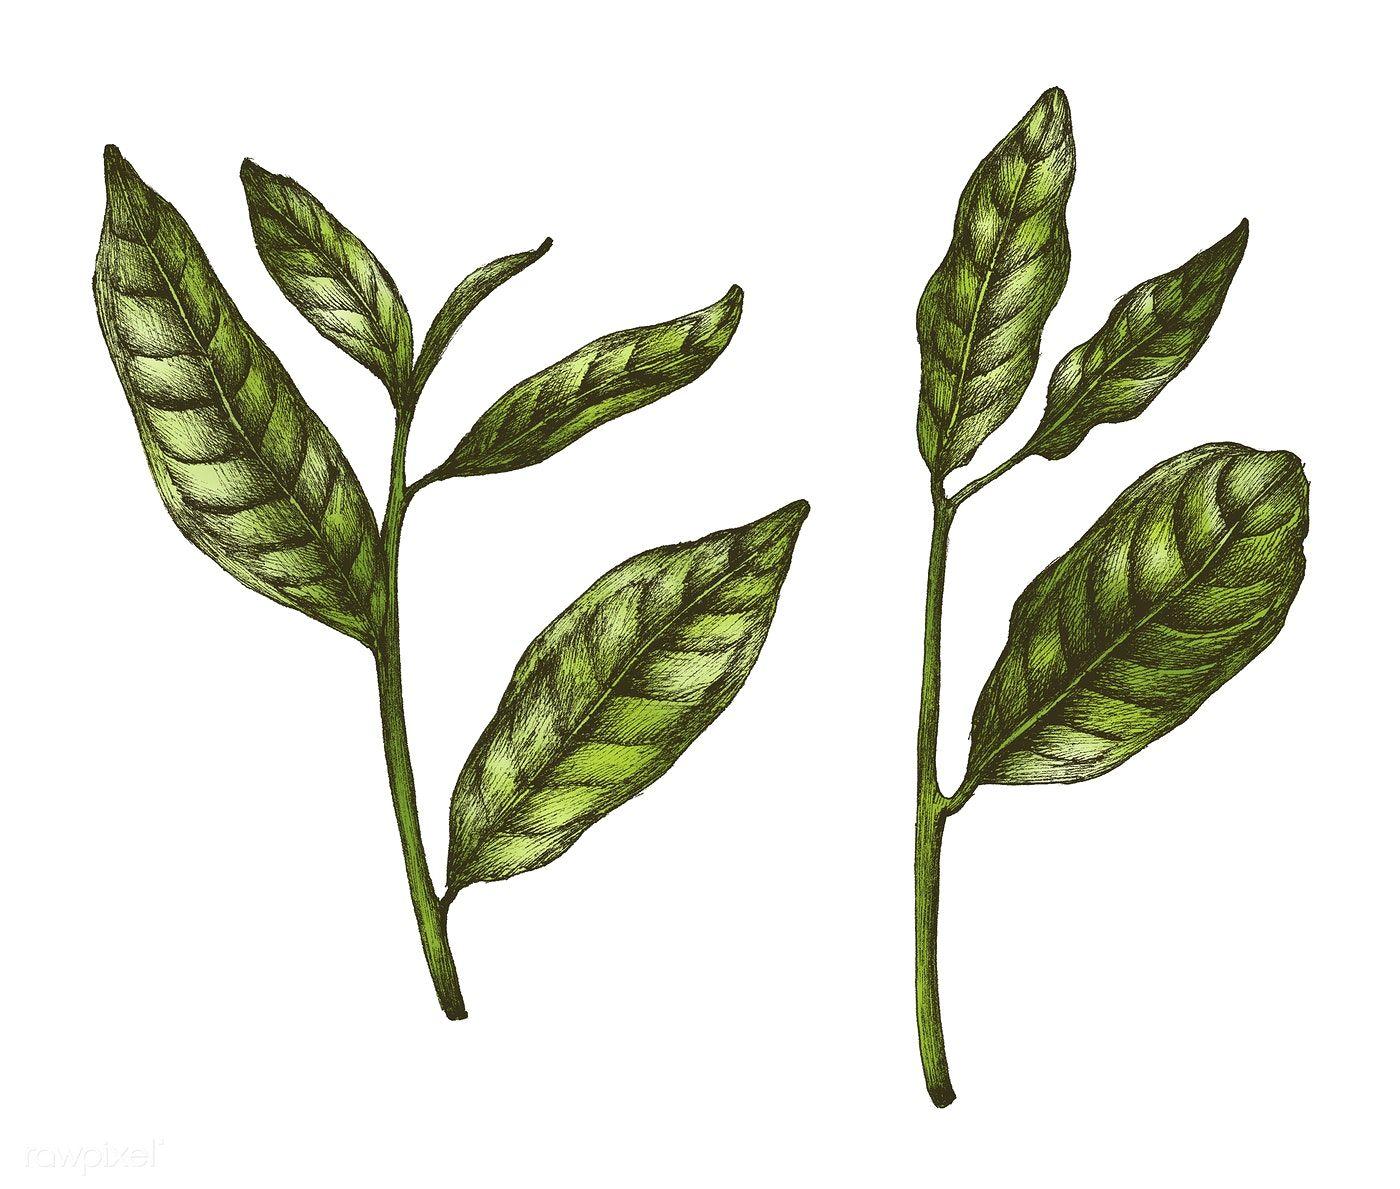 Hand Drawn Fresh Green Tea Leaf Free Image By Rawpixel Com Tea Leaves Tattoo Tea Leaves Illustration Tea Leaves